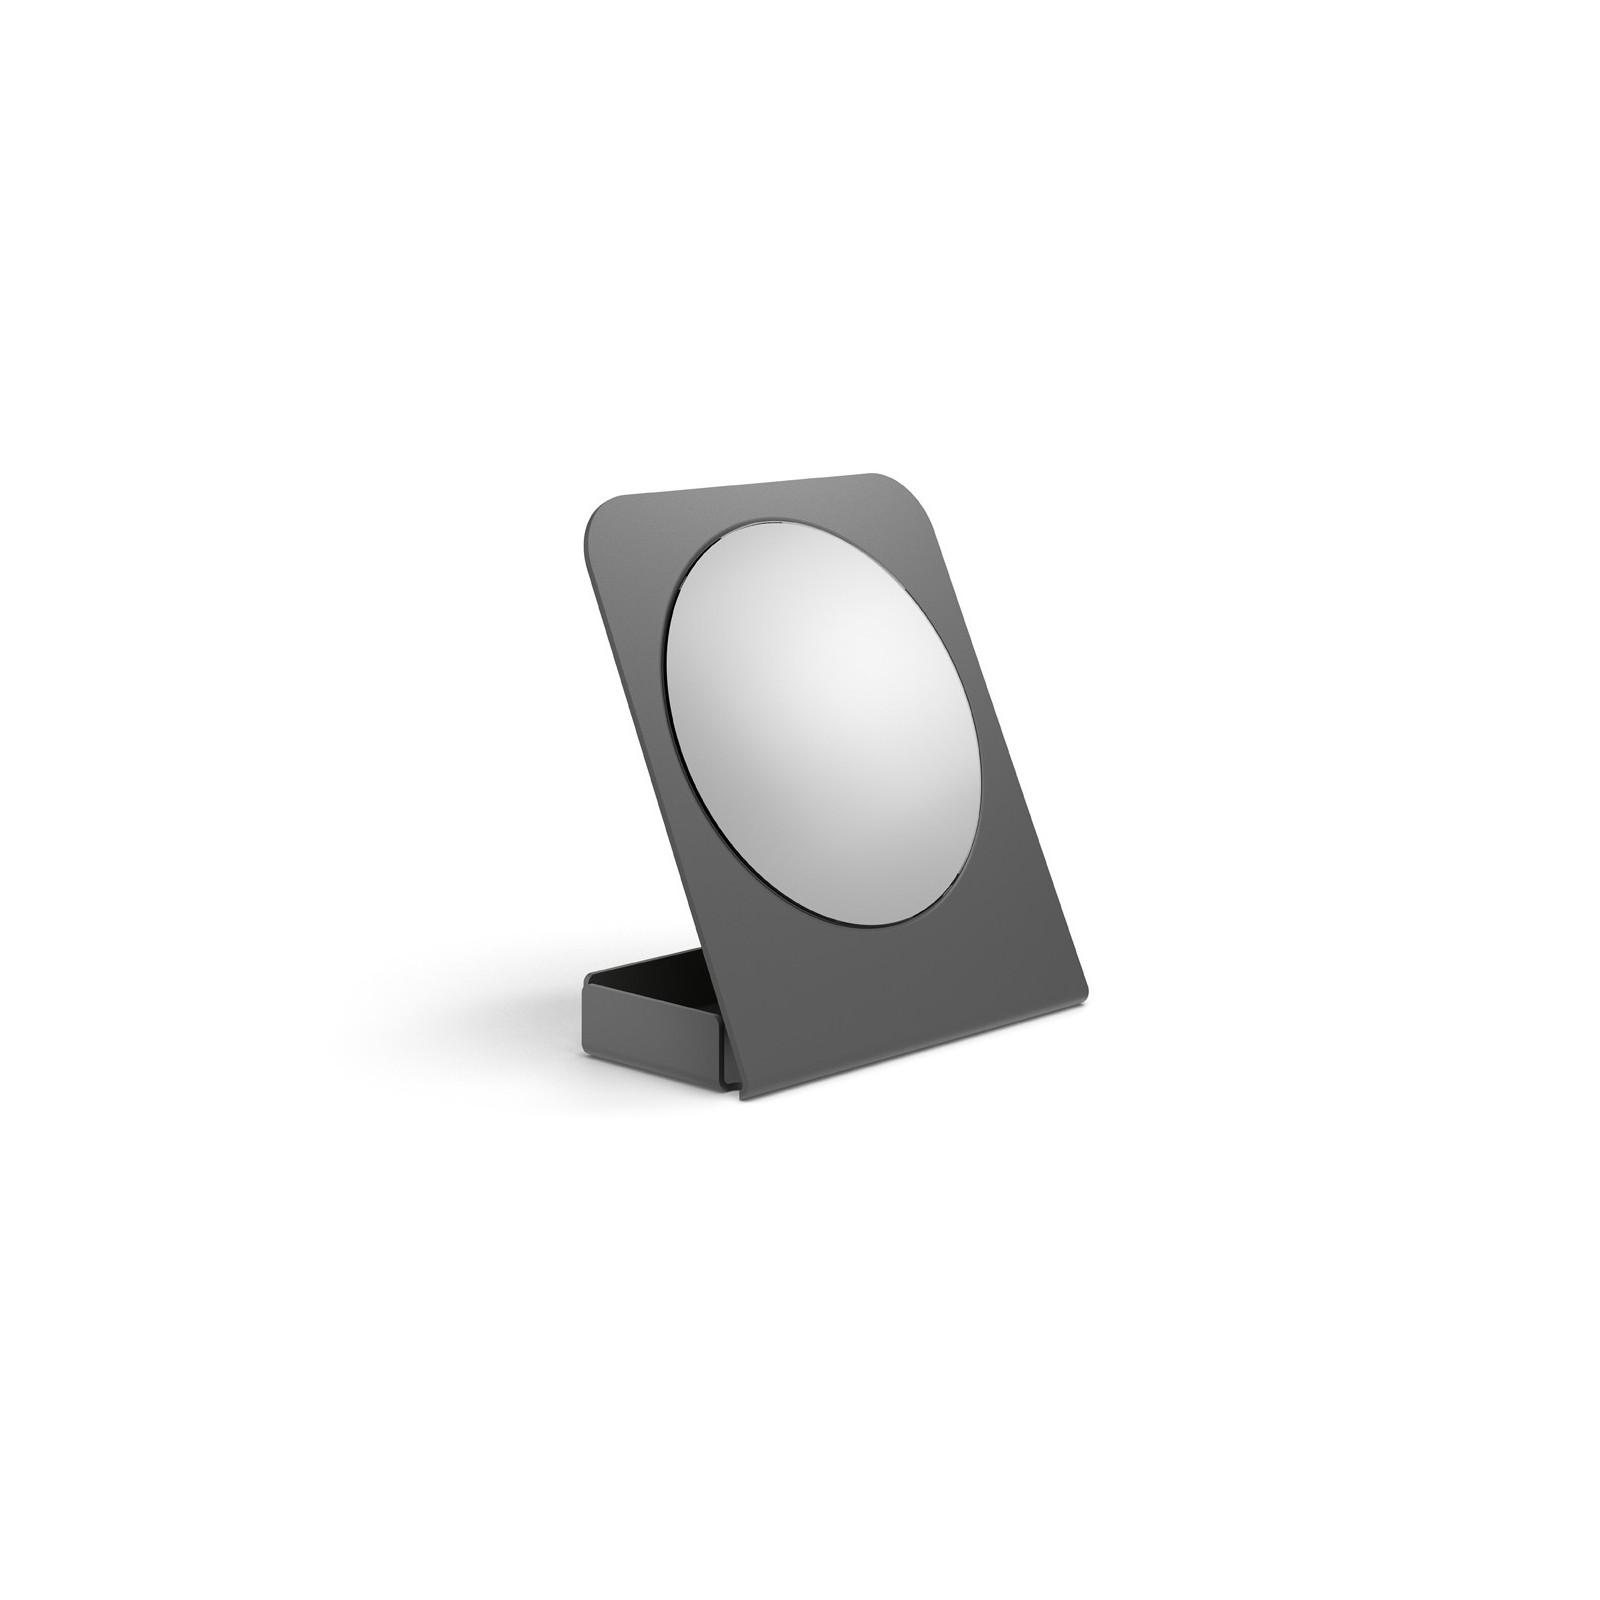 Mevedo collezione di specchi by Lineabeta - ConteCom